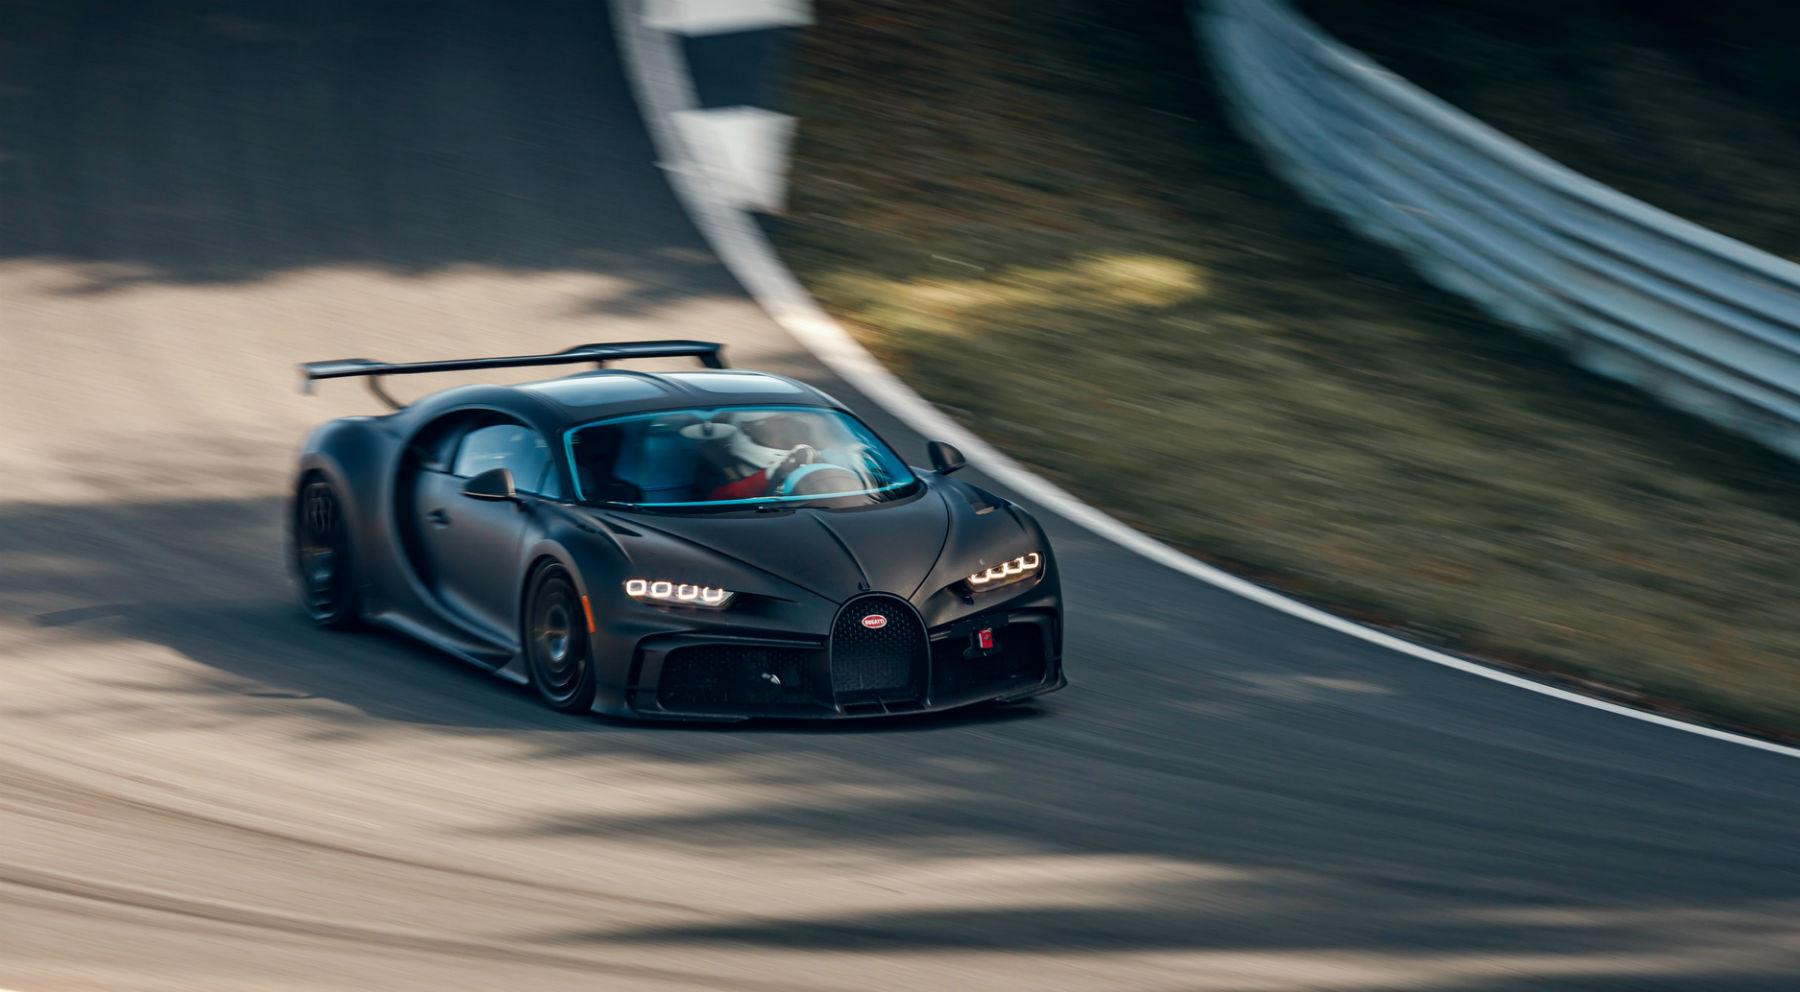 El Bugatti Chiron Pur Sport se pone a prueba en circuito   Supercoches   Motor EL PAÍS